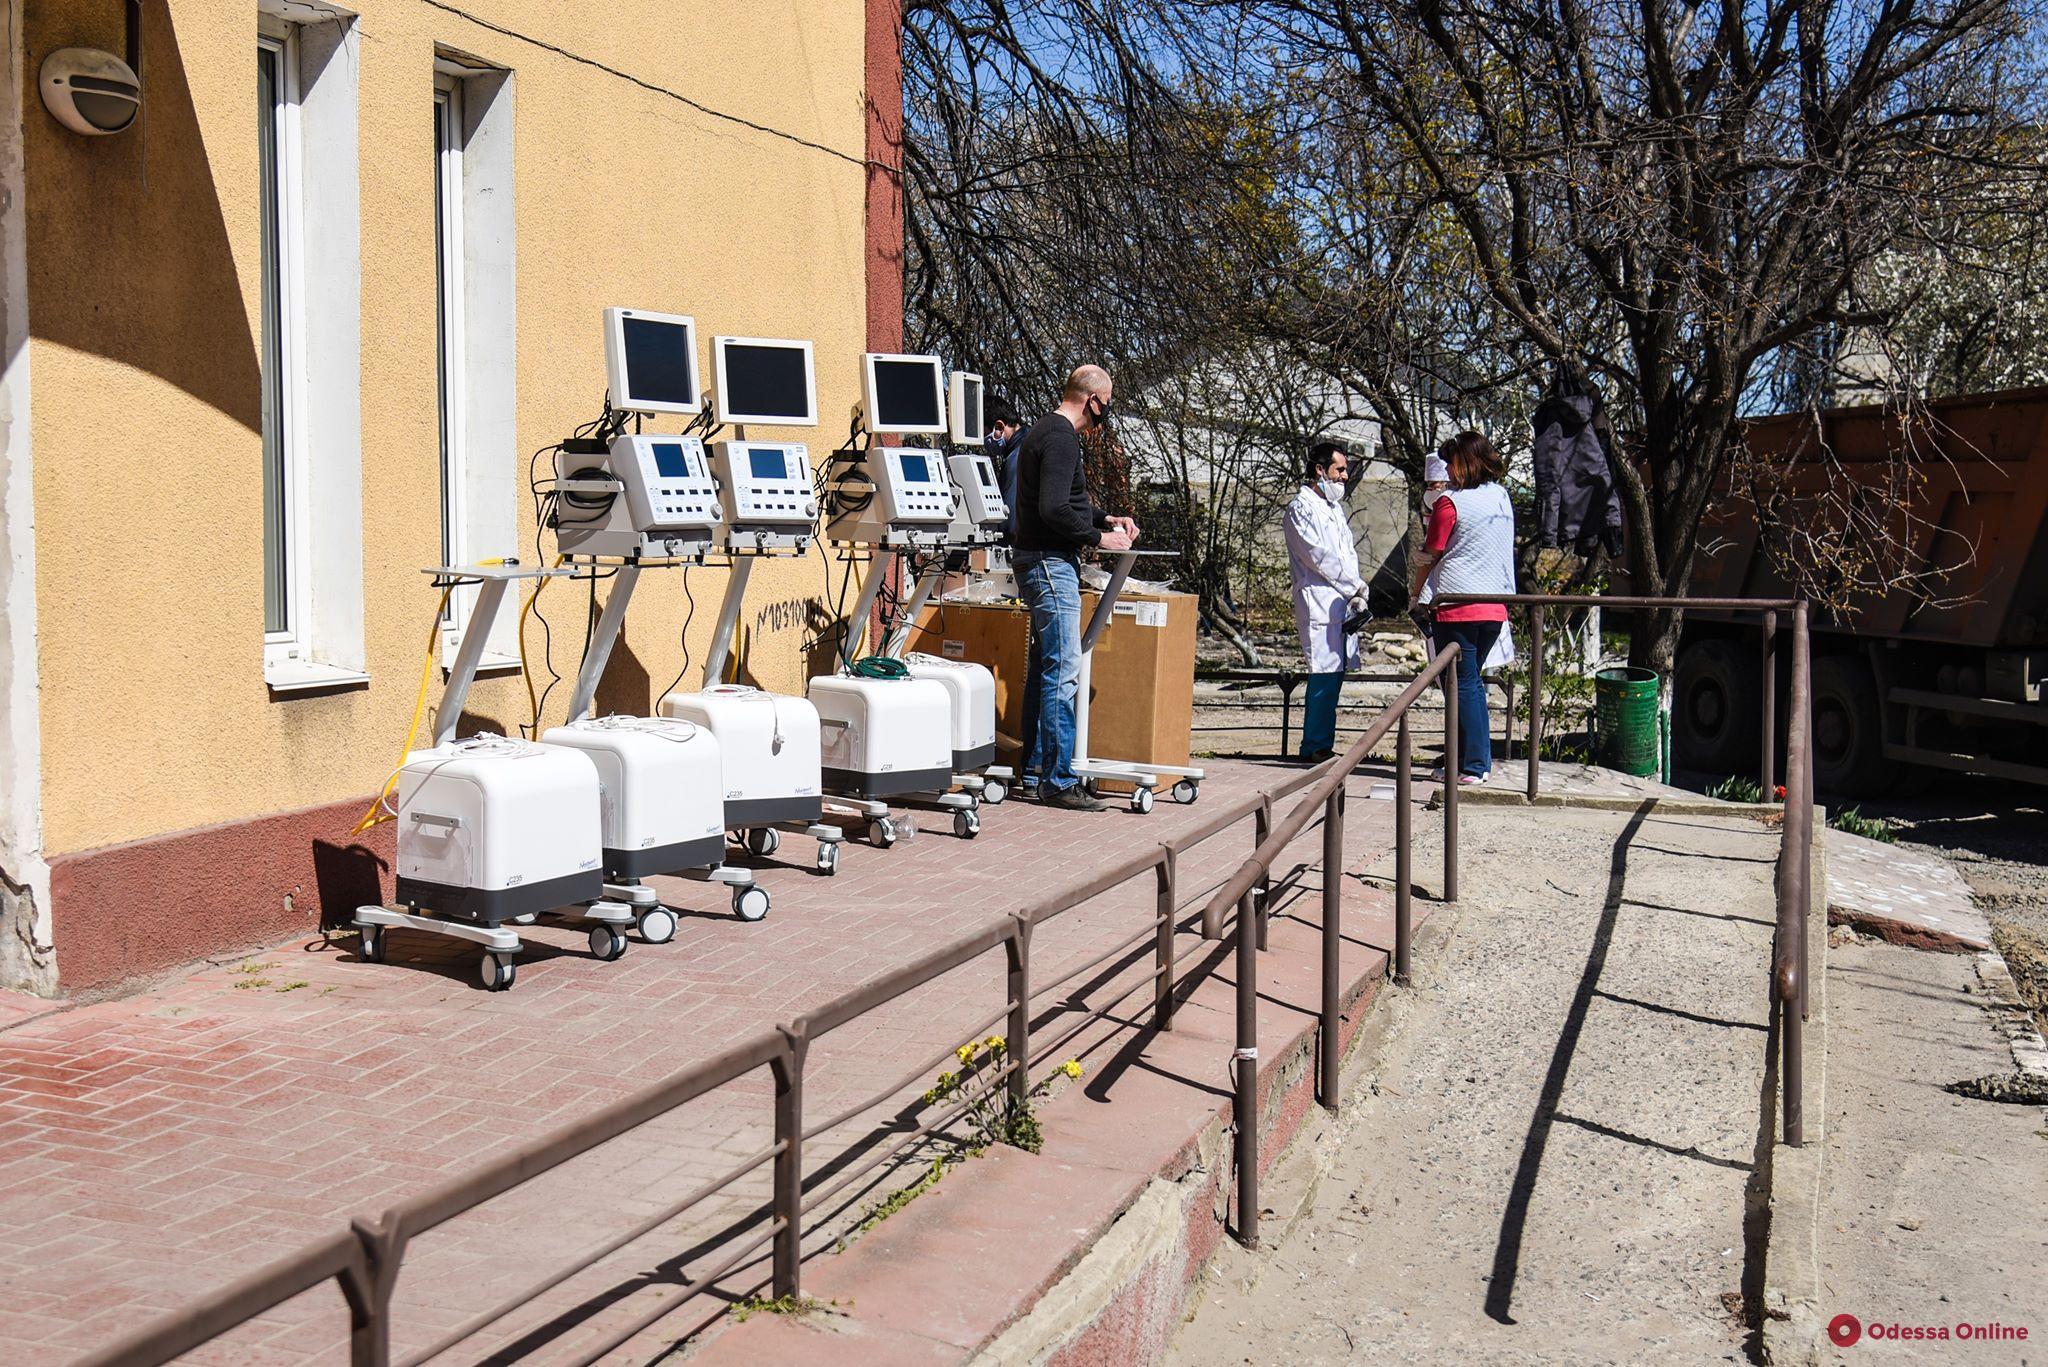 Одесса купила восемь новых аппаратов ИВЛ (фото)